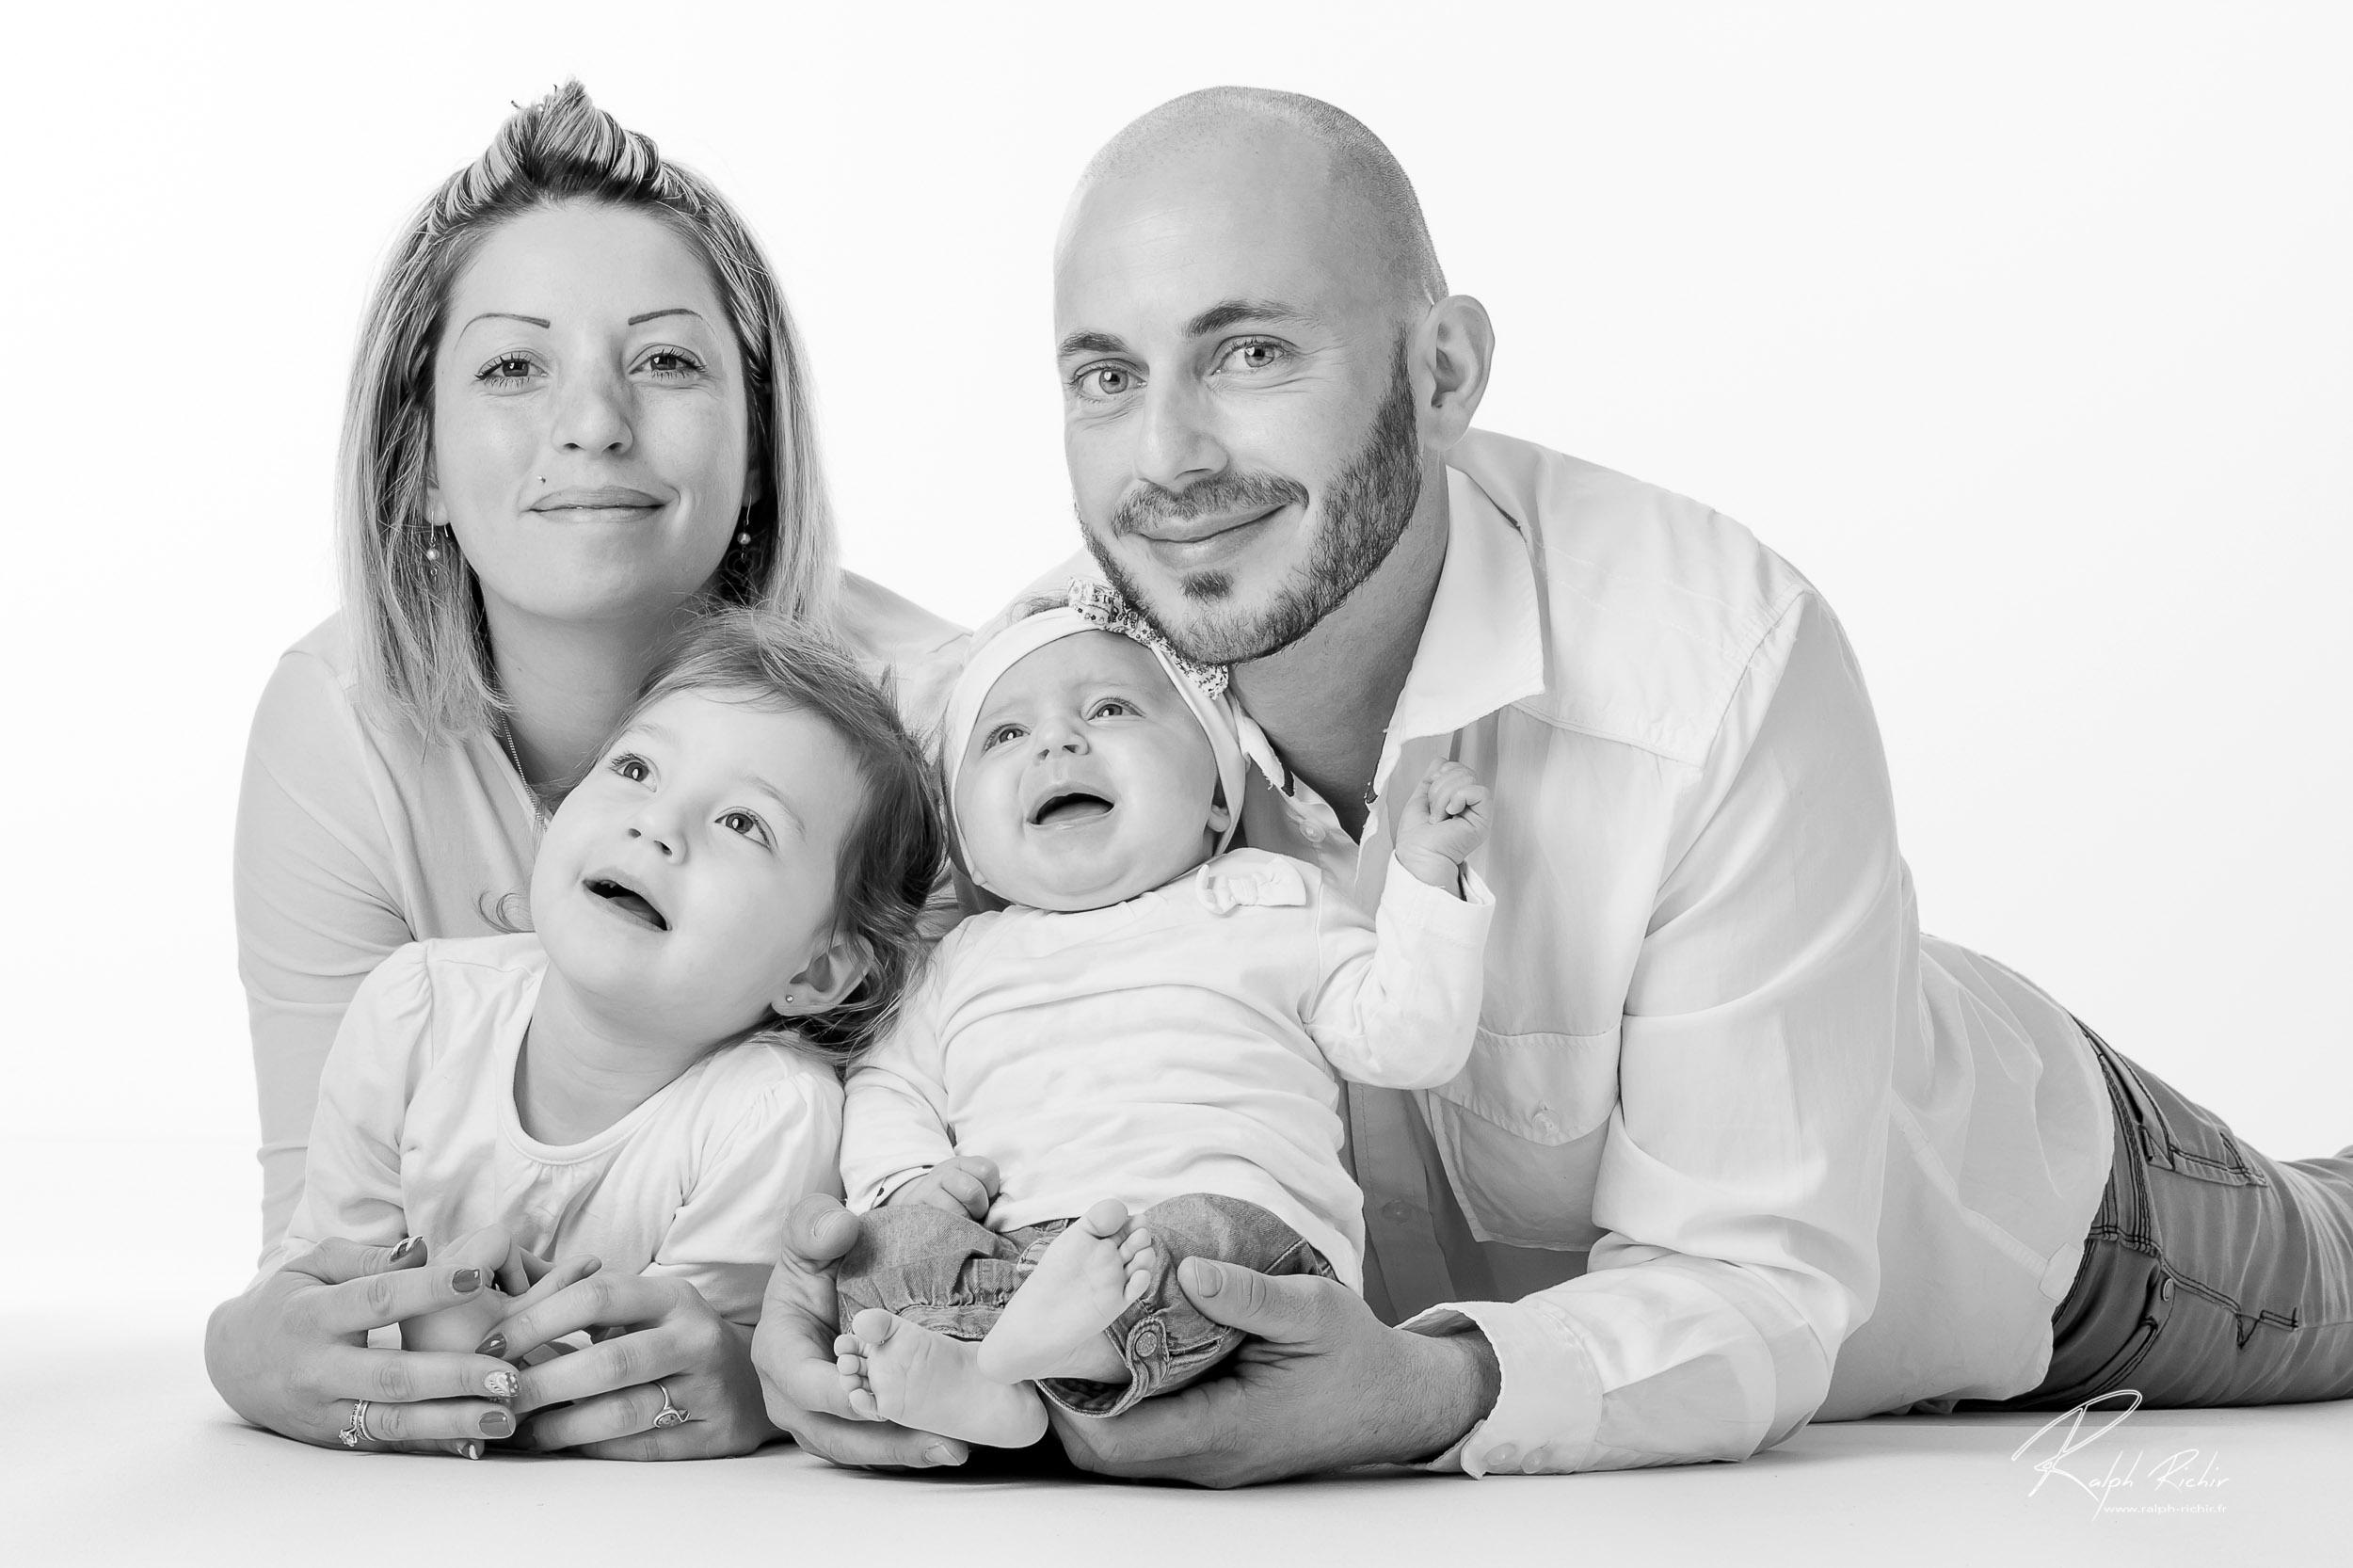 portrait de famille, studio photo, Galerie Ralph Richir 2 place Camille Ledeau 83000 Toulon, www.ral